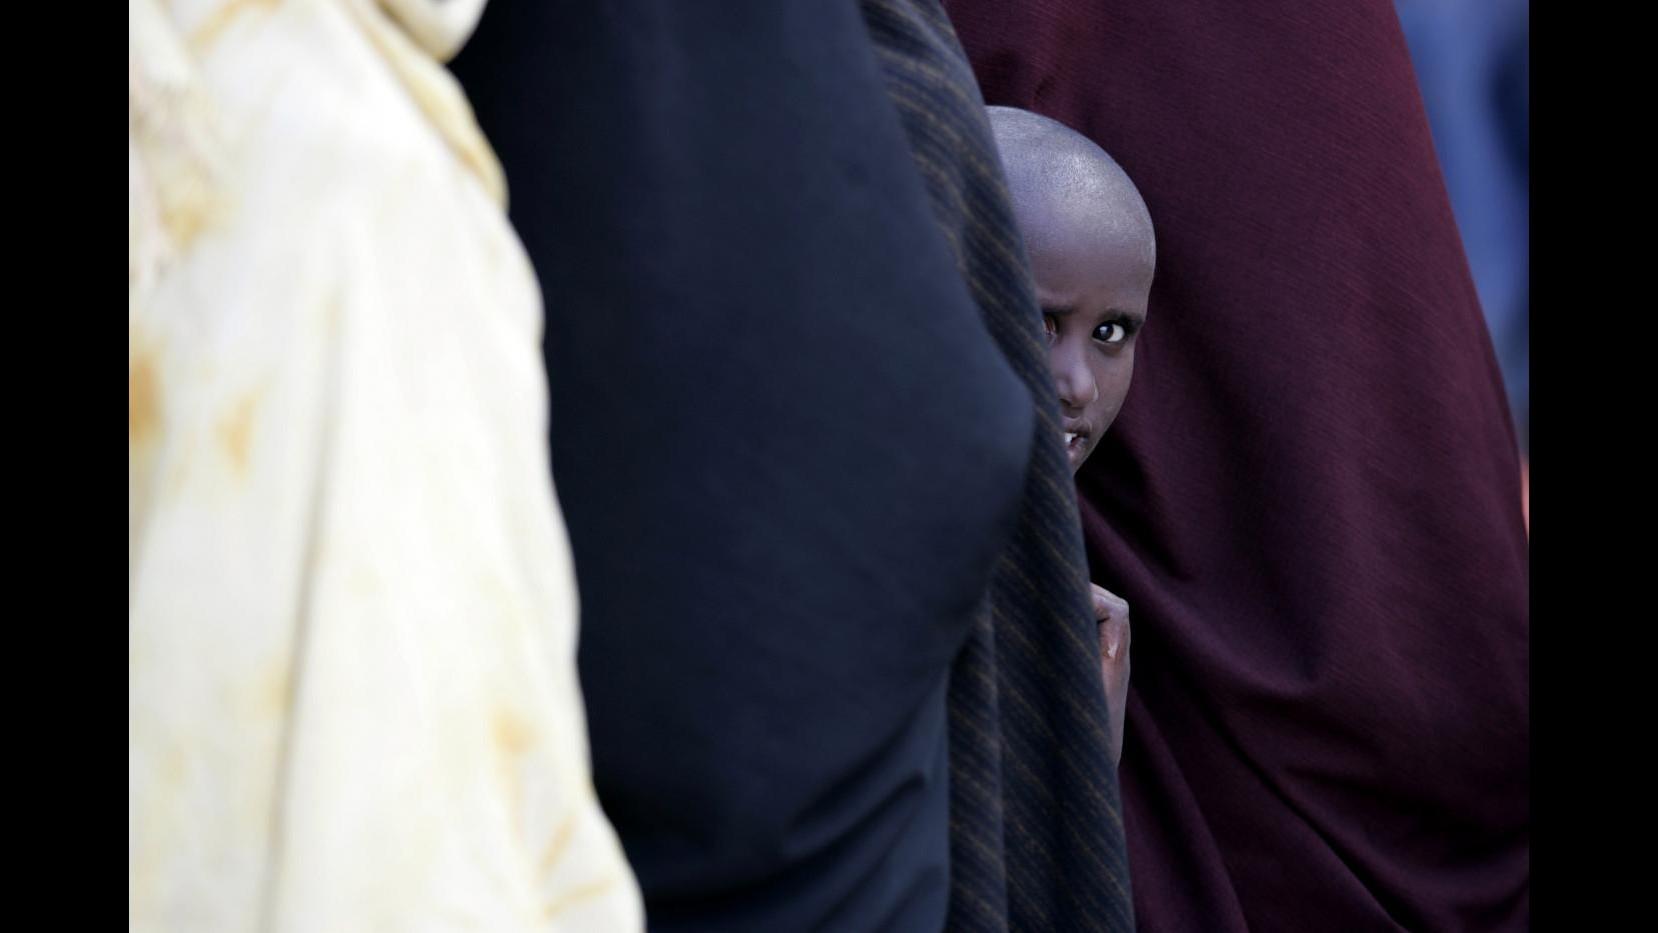 Kenya inizia a costruire muro al confine con Somalia